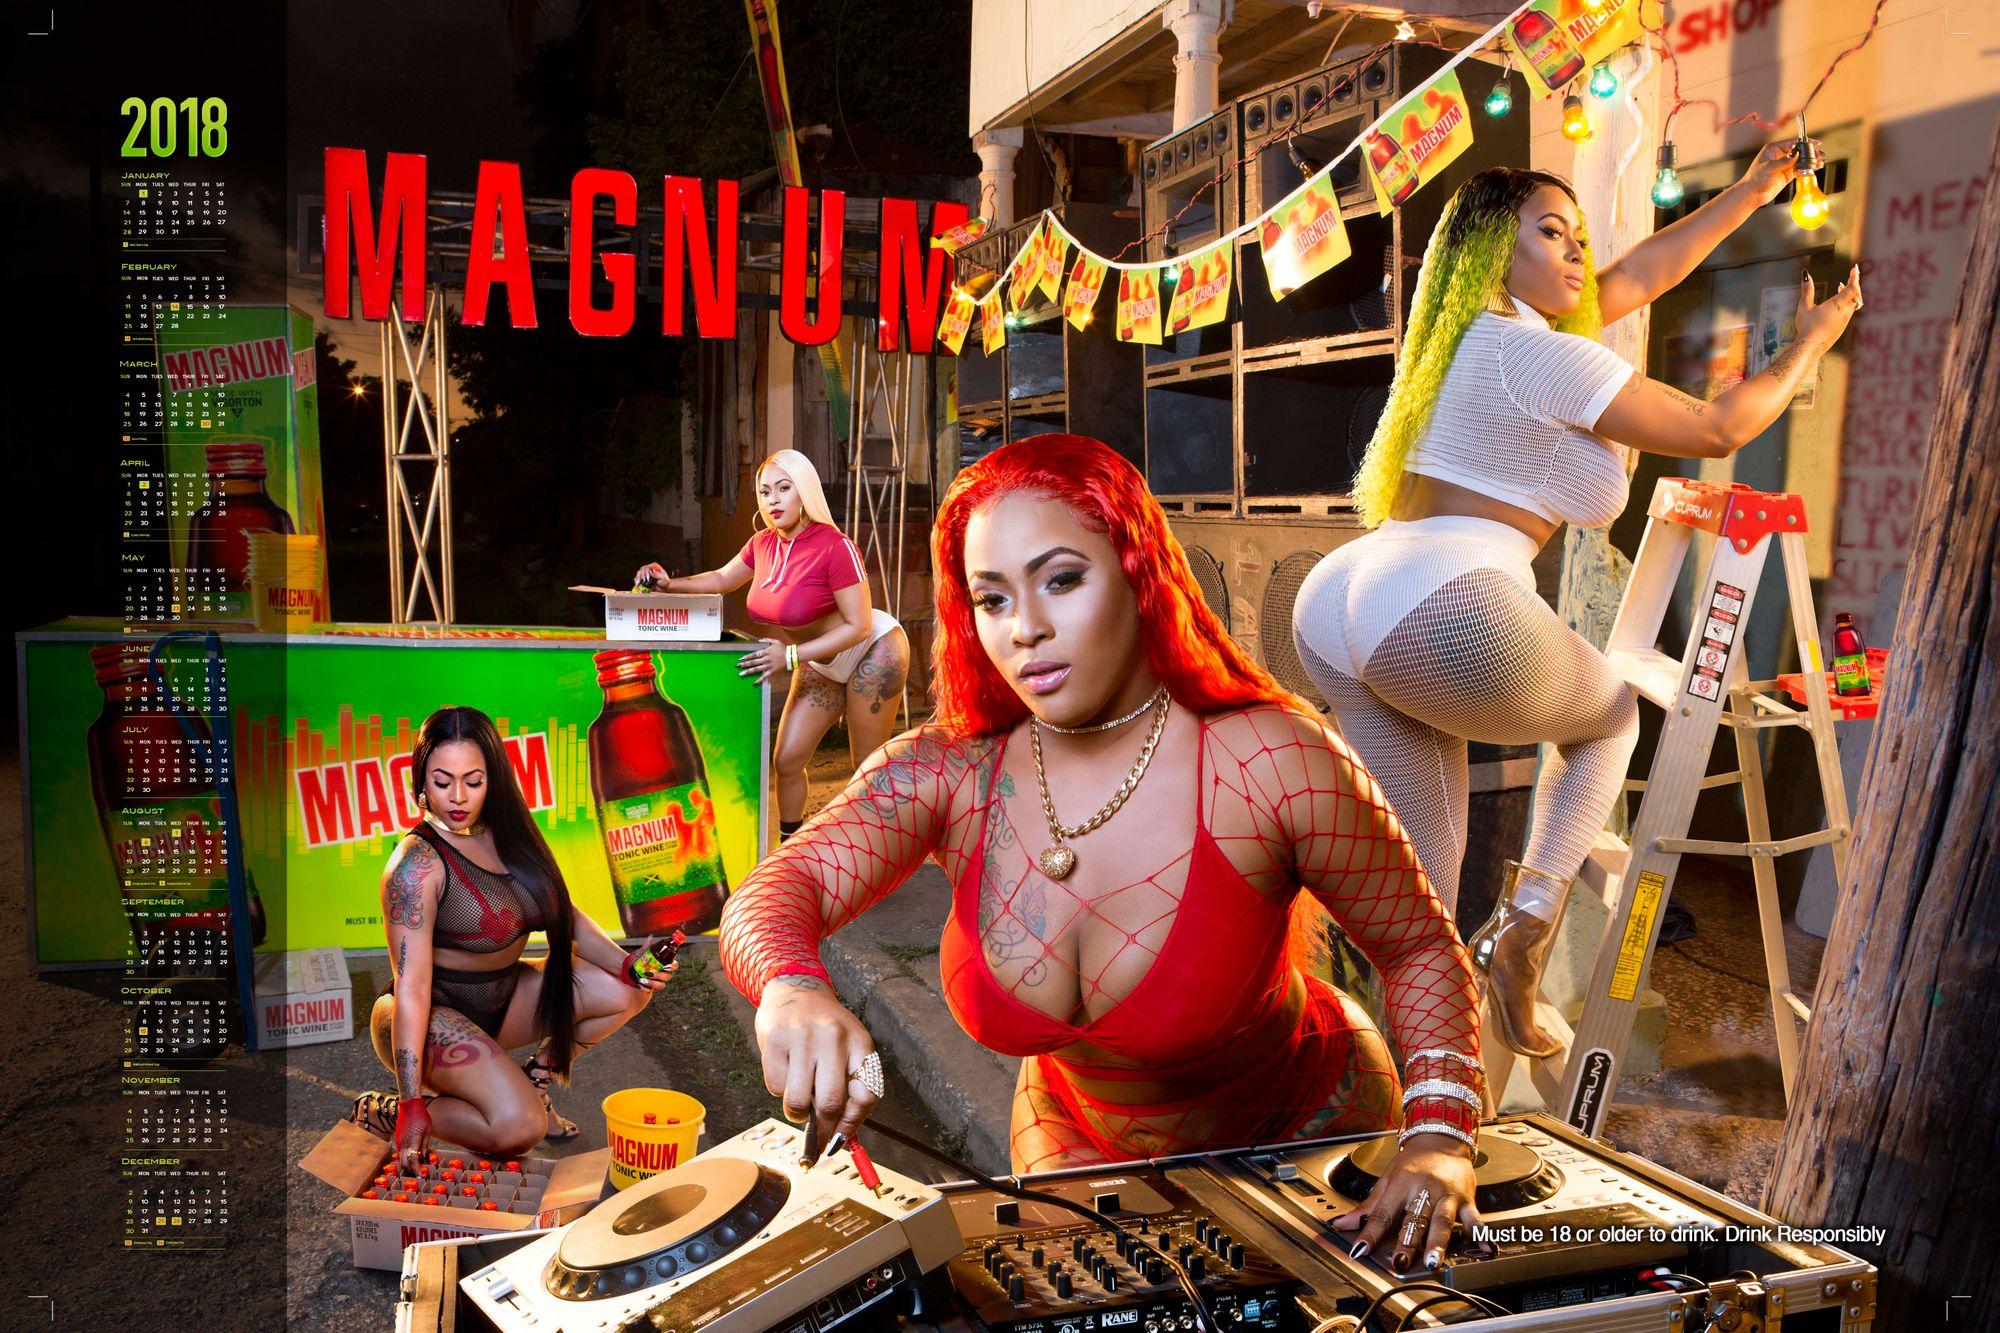 Magnum Calendar 36x24 (ARTWORK).jpg